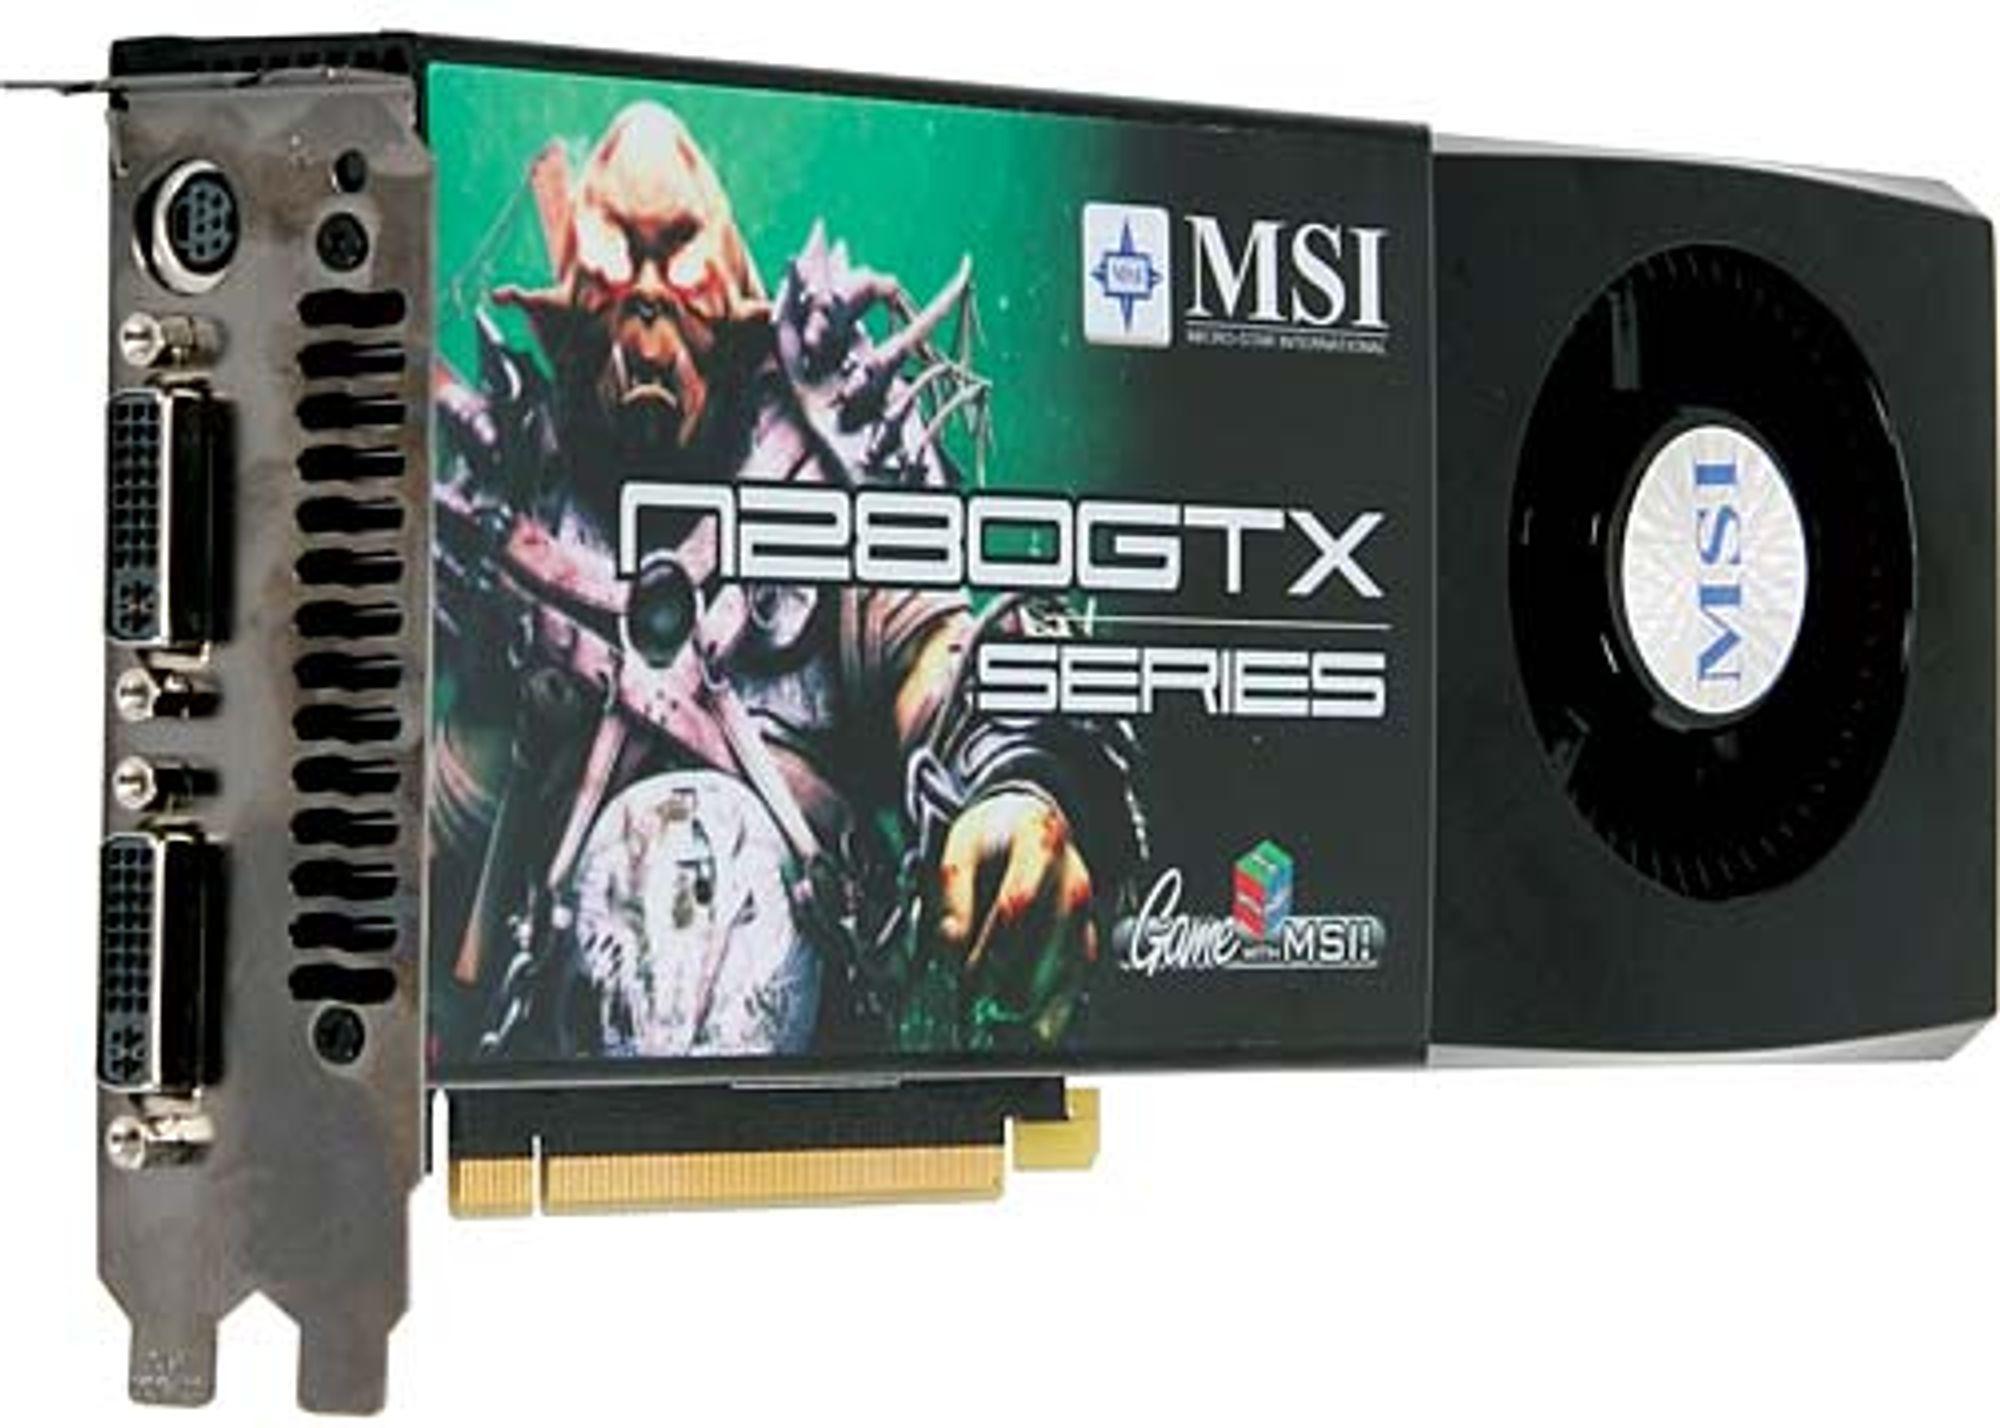 Geforce GTX280 er nå endelig offisielt støttet i Linux, BSD og Solaris